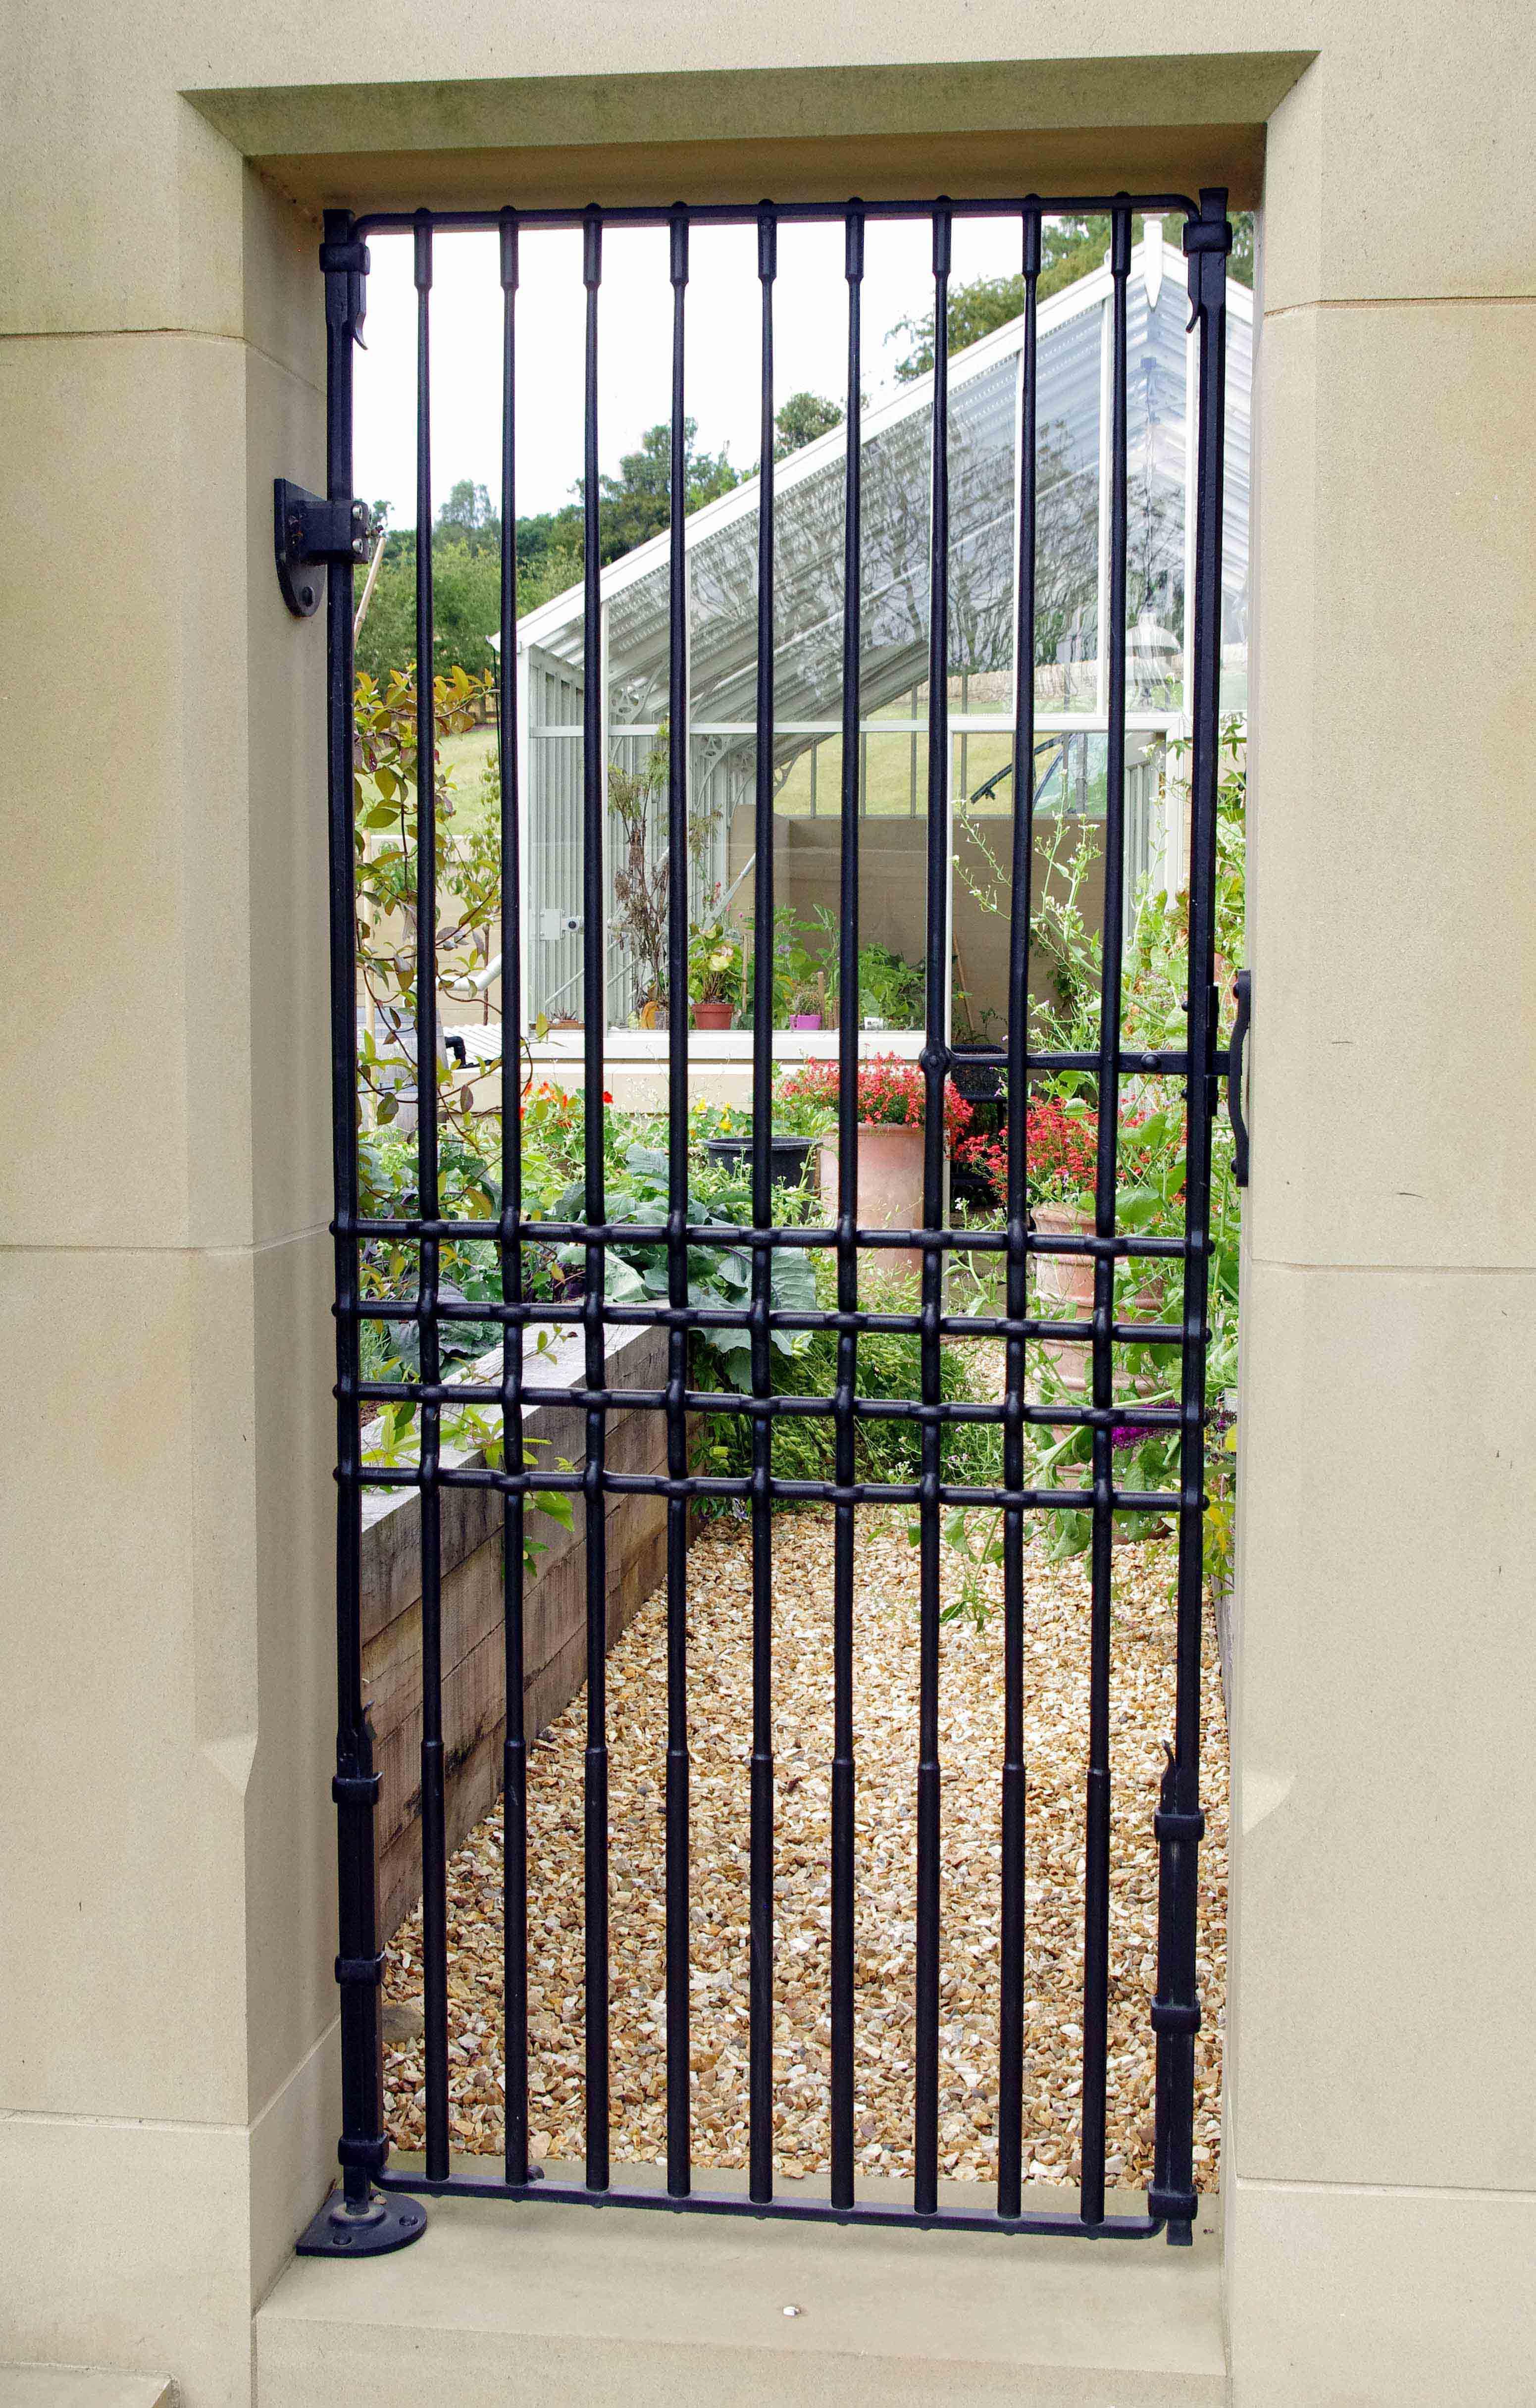 Woven gate